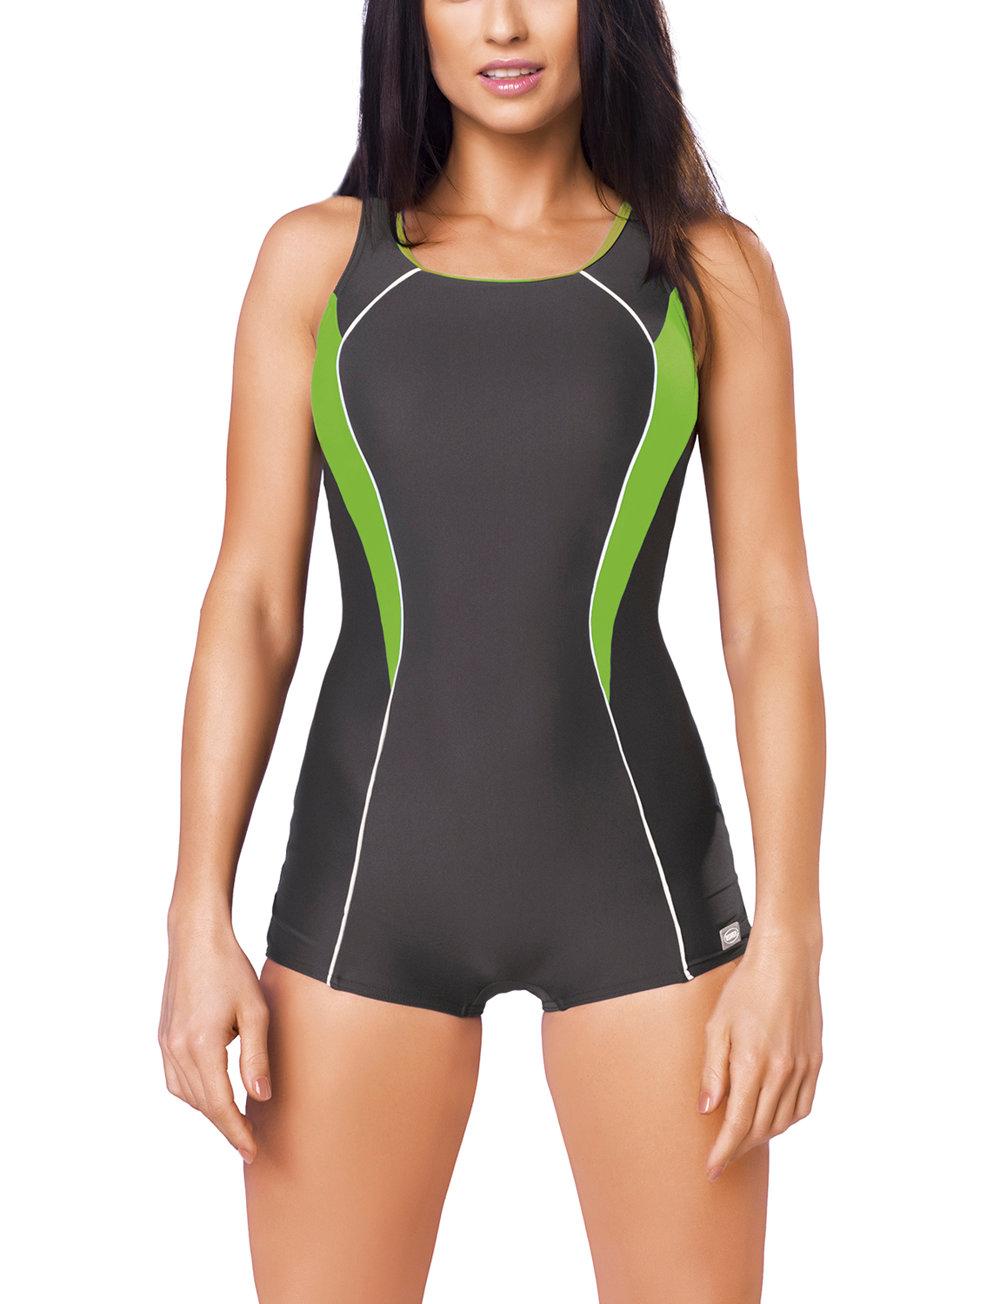 2019 Ausverkauf reduzierter Preis vollständige Palette von Spezifikationen gWINNER Isabel I Badeanzug Dame Bademode Sport musterlos Shorts